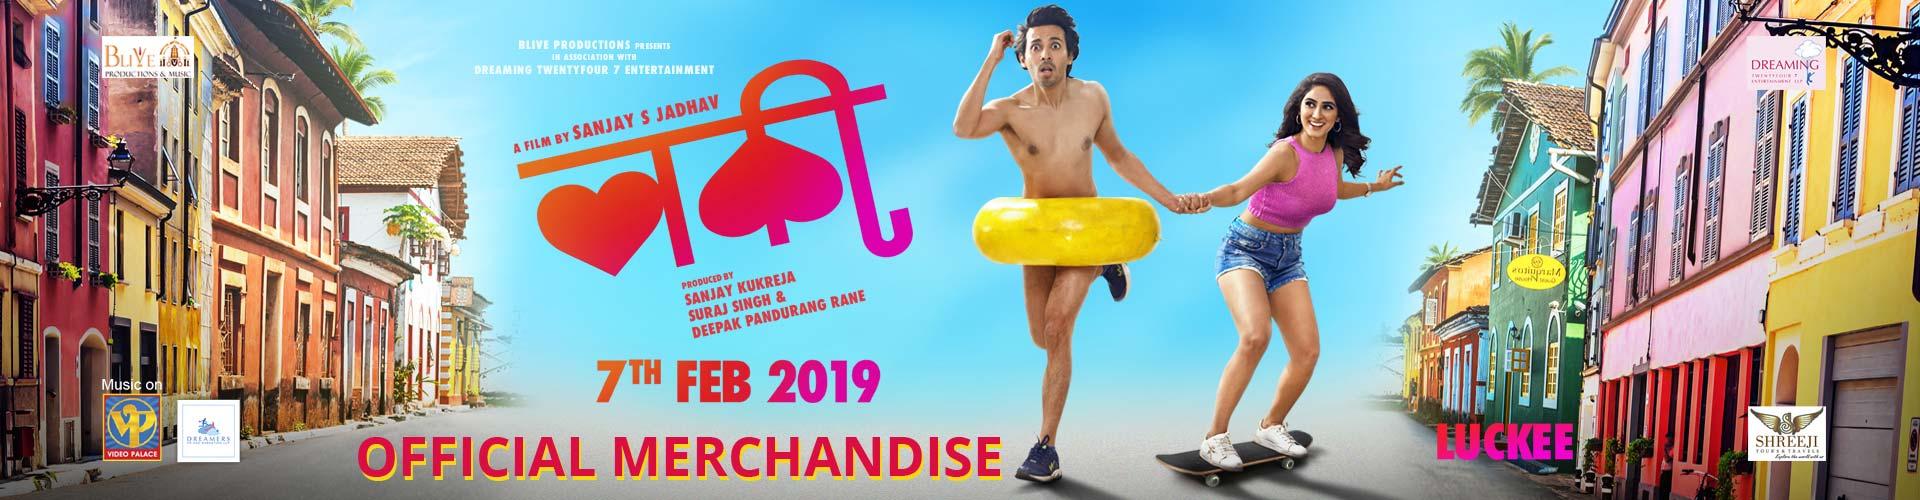 Lucky-Luckee-Marathi-Movie-Banner